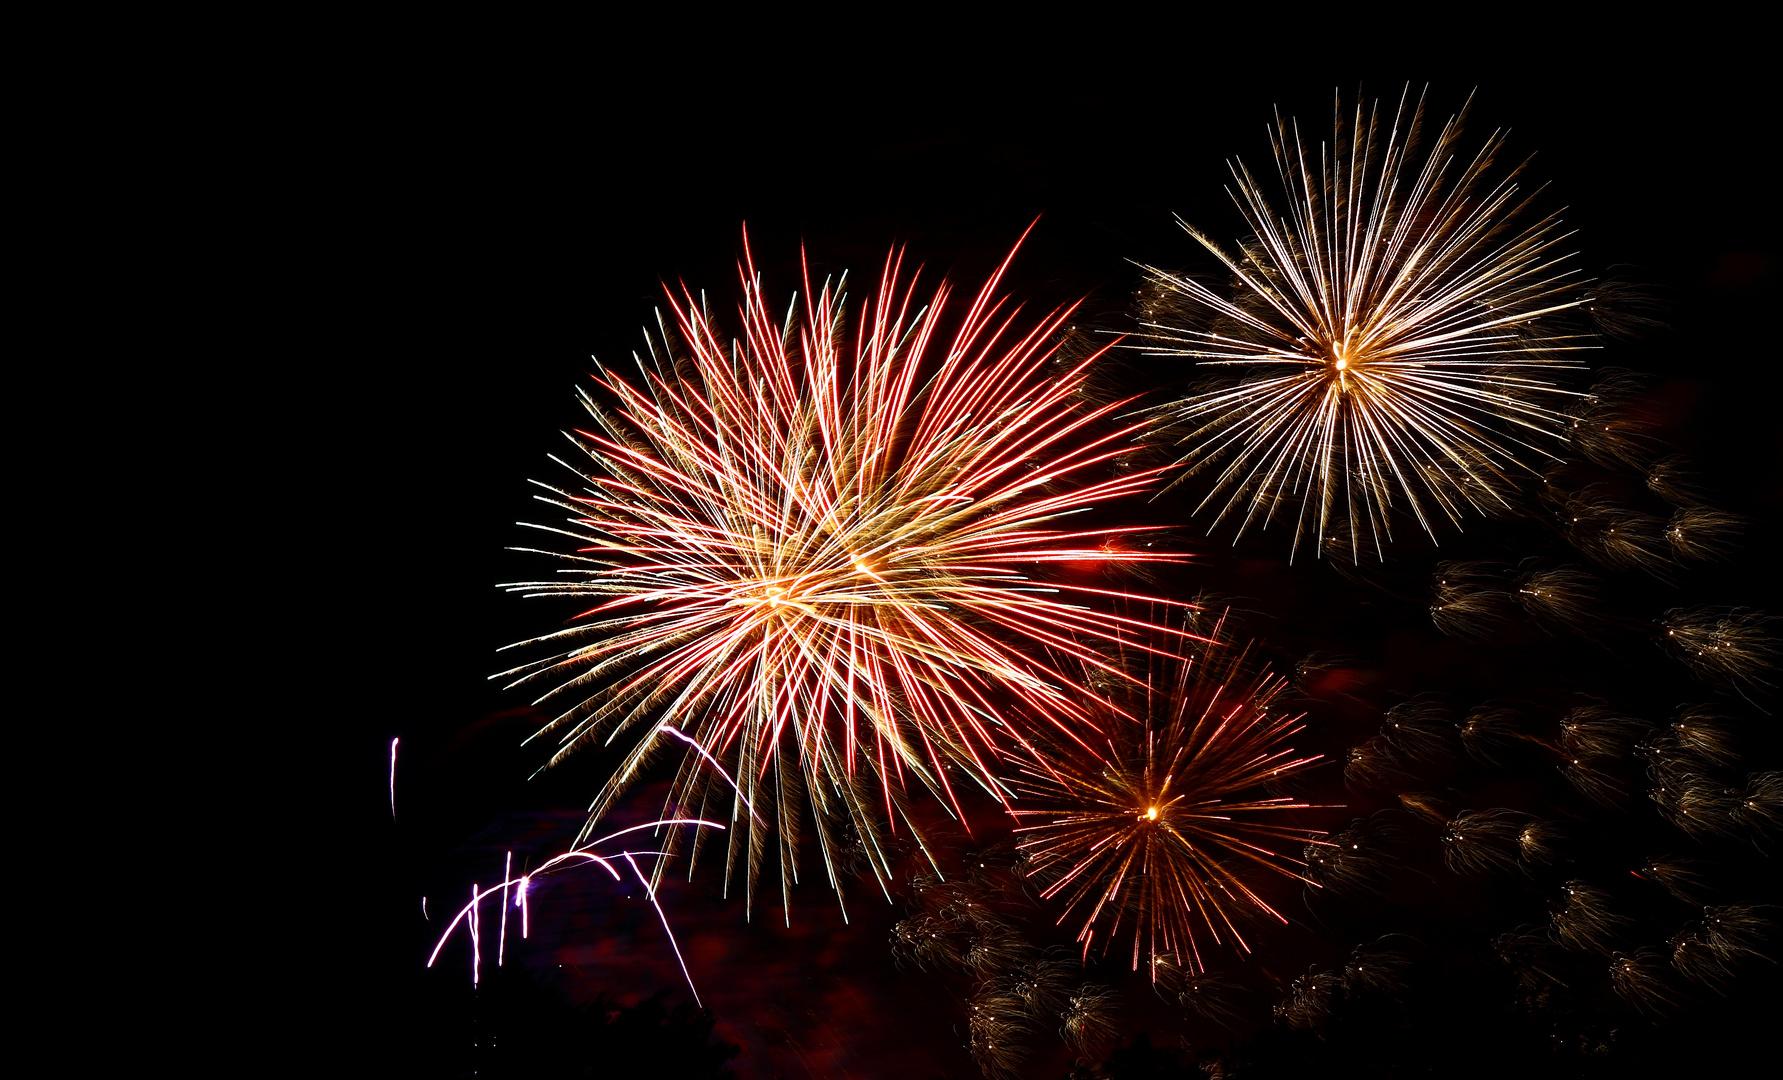 Ein weiteres Bild vom Feuerwerk bei der Spreeauennacht in Cottbus